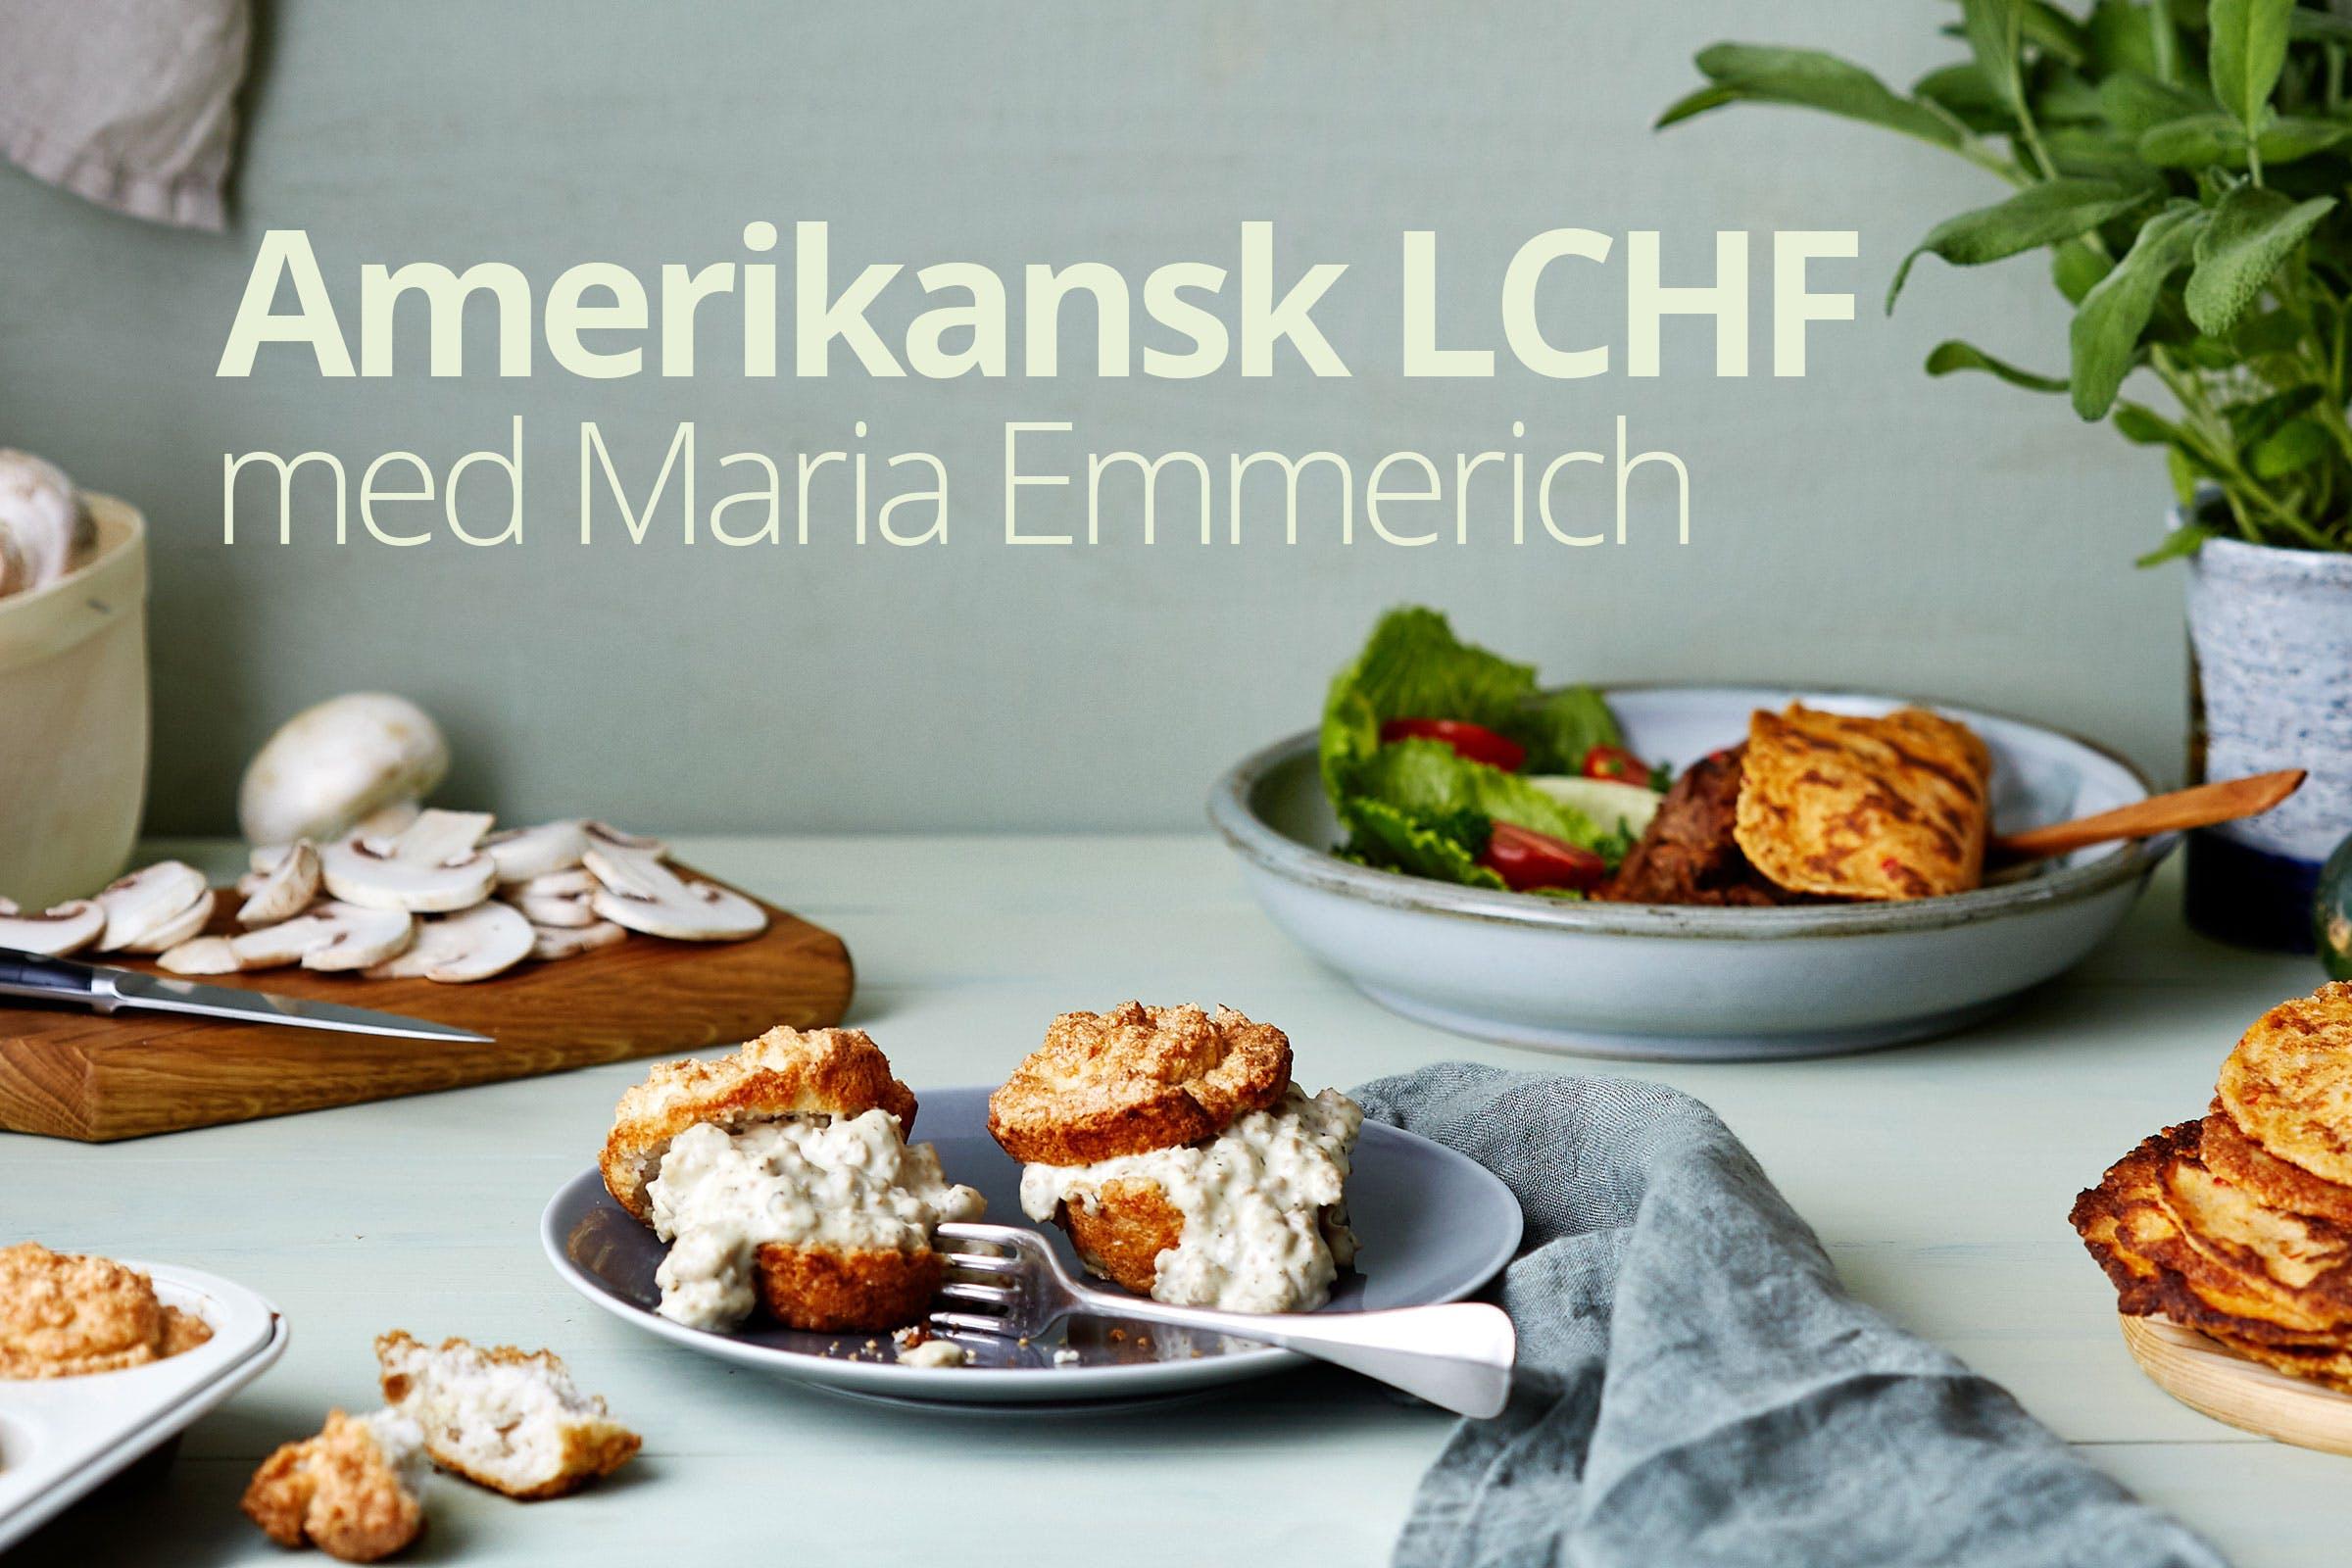 Amerikansk LCHF med Maria Emmerich